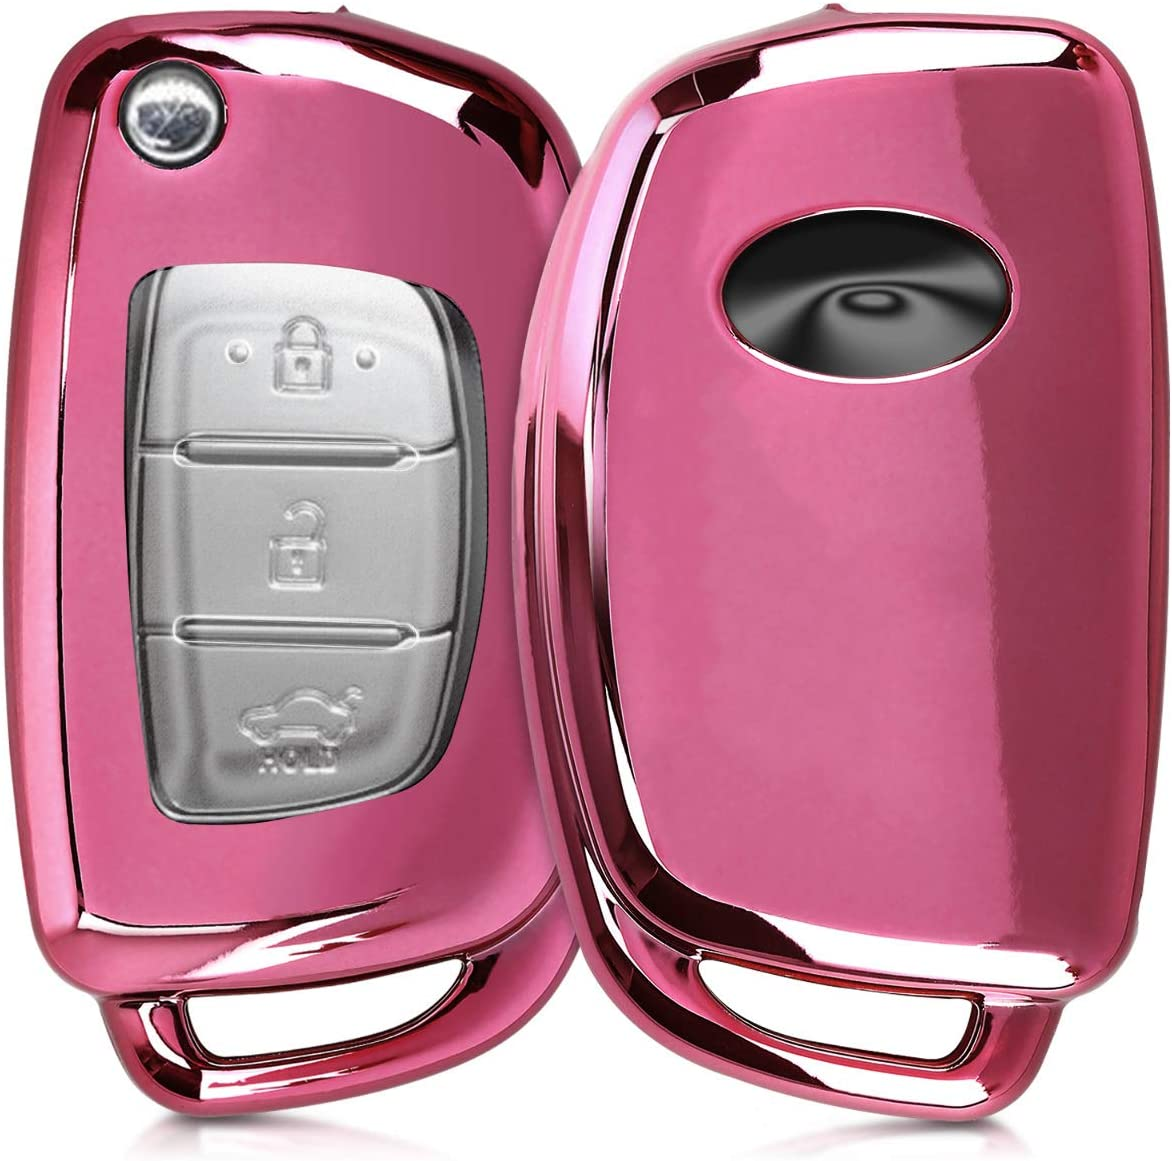 kwmobile Funda Compatible con Hyundai Llave de Coche Plegable de 3 Botones - Carcasa Suave de TPU - Cover de Mando y Control de Auto en Rosa Oro Brillante